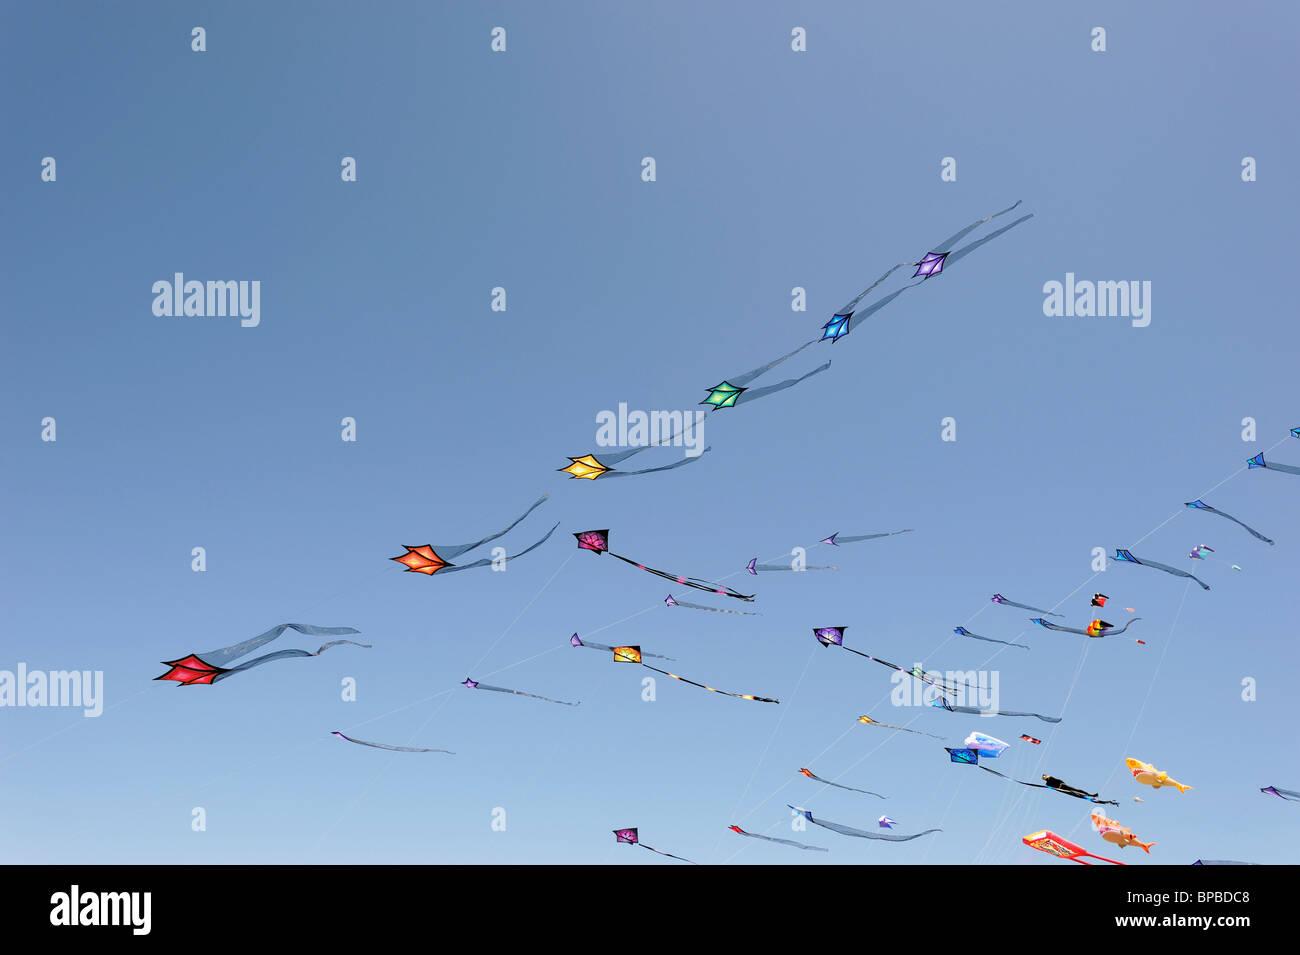 Sky full of kites - Stock Image